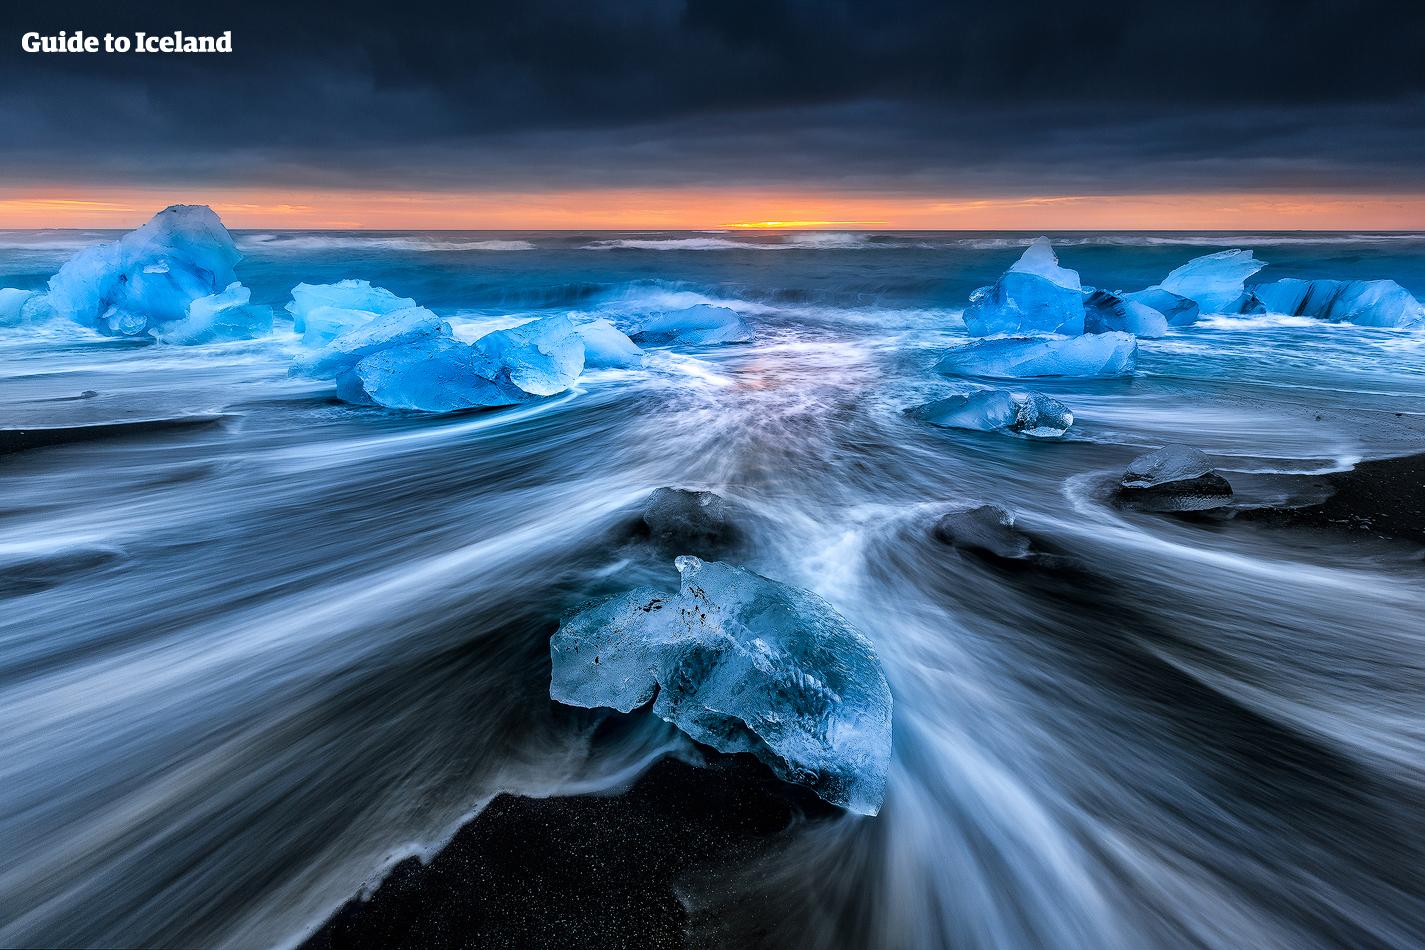 冰岛南岸钻石冰沙滩上的璀璨冰块